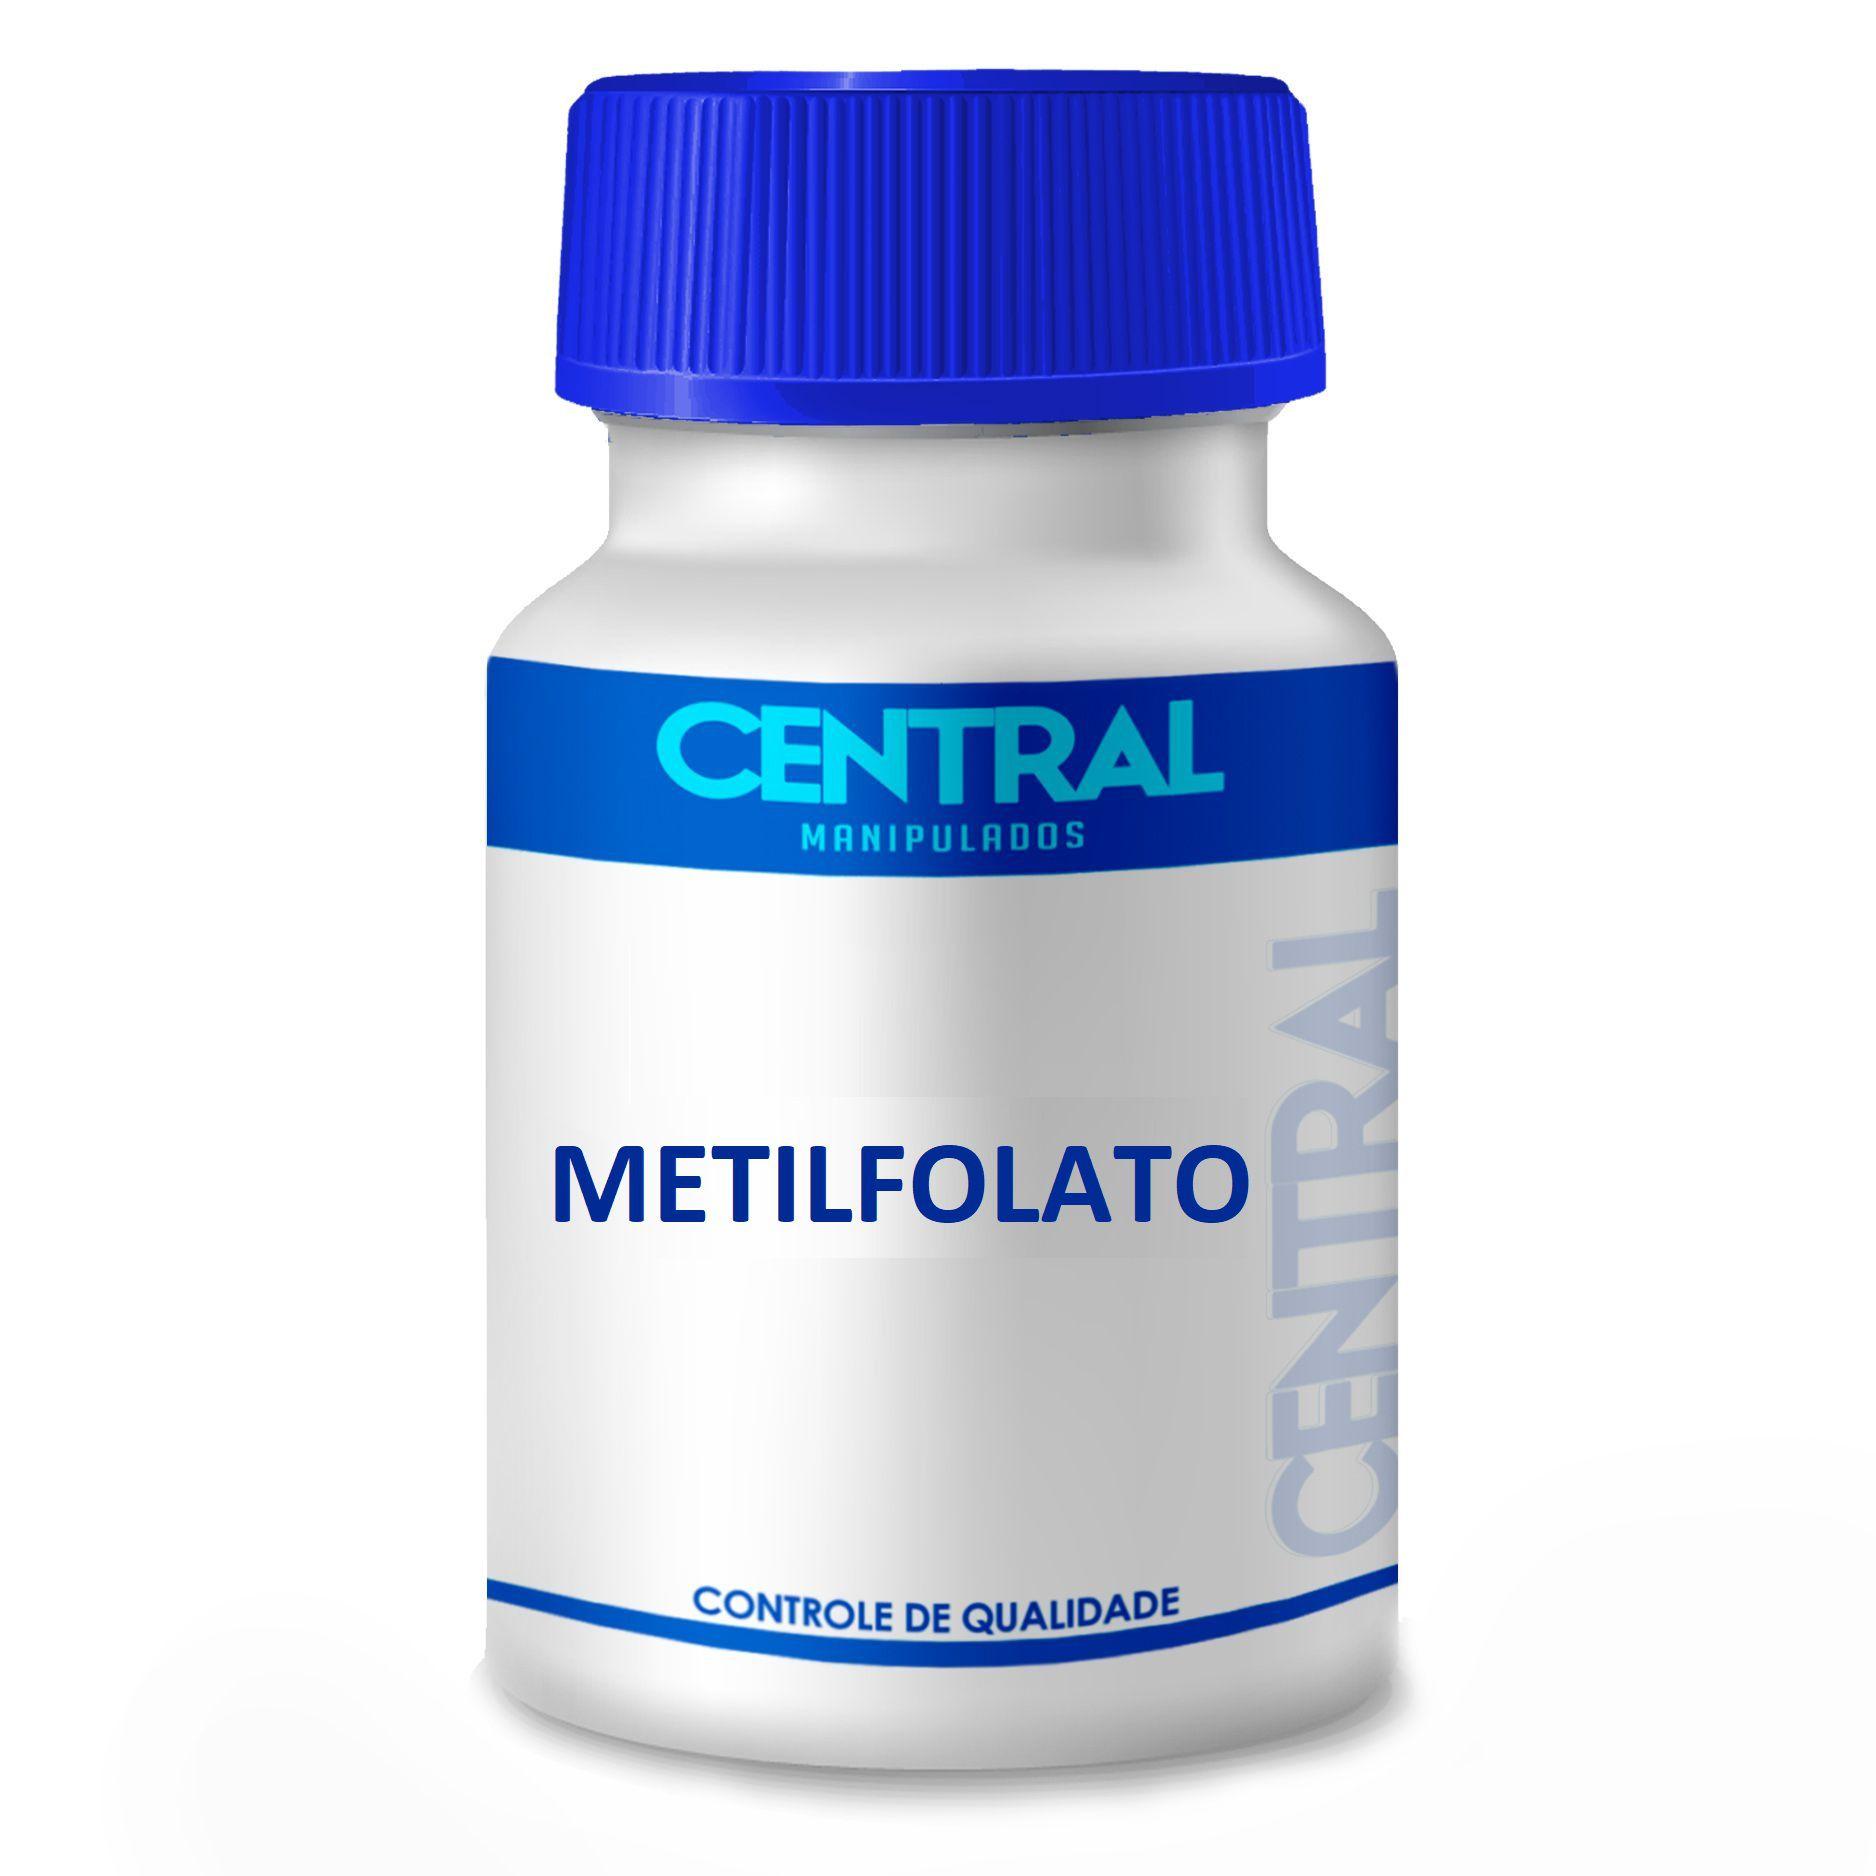 Metilfolato - Forma Ativa do Ácido Fólico - 500 mcg 120 cápsulas